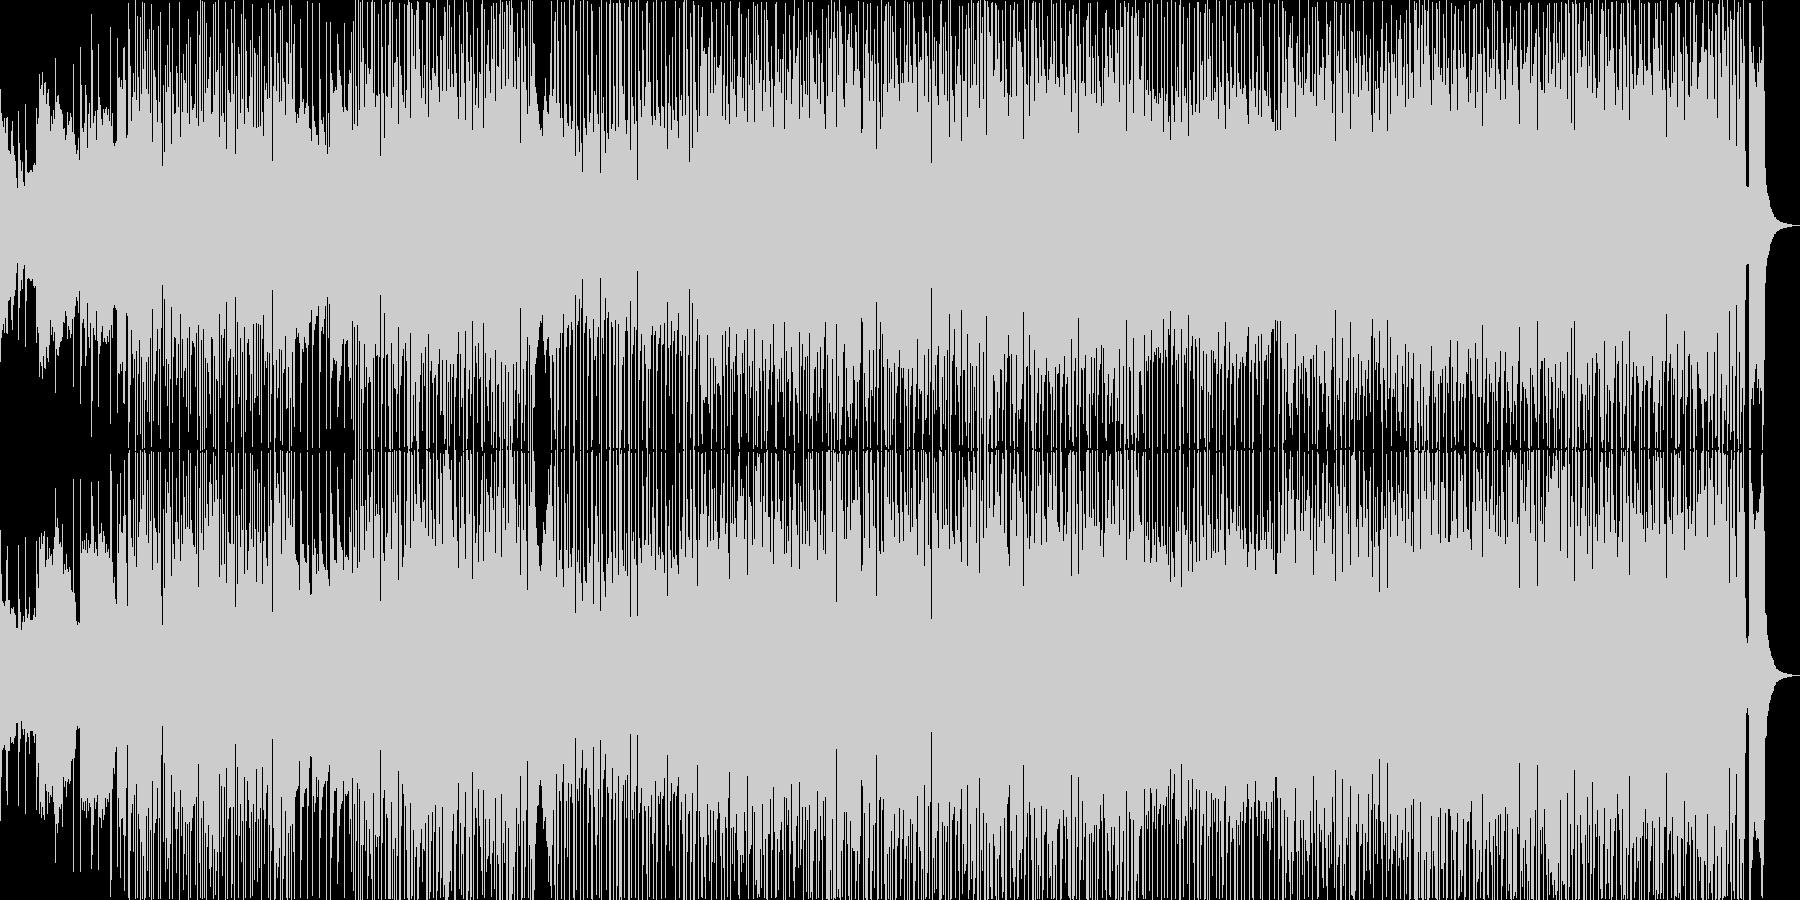 ブラスとカッティング、ファンクポップの未再生の波形